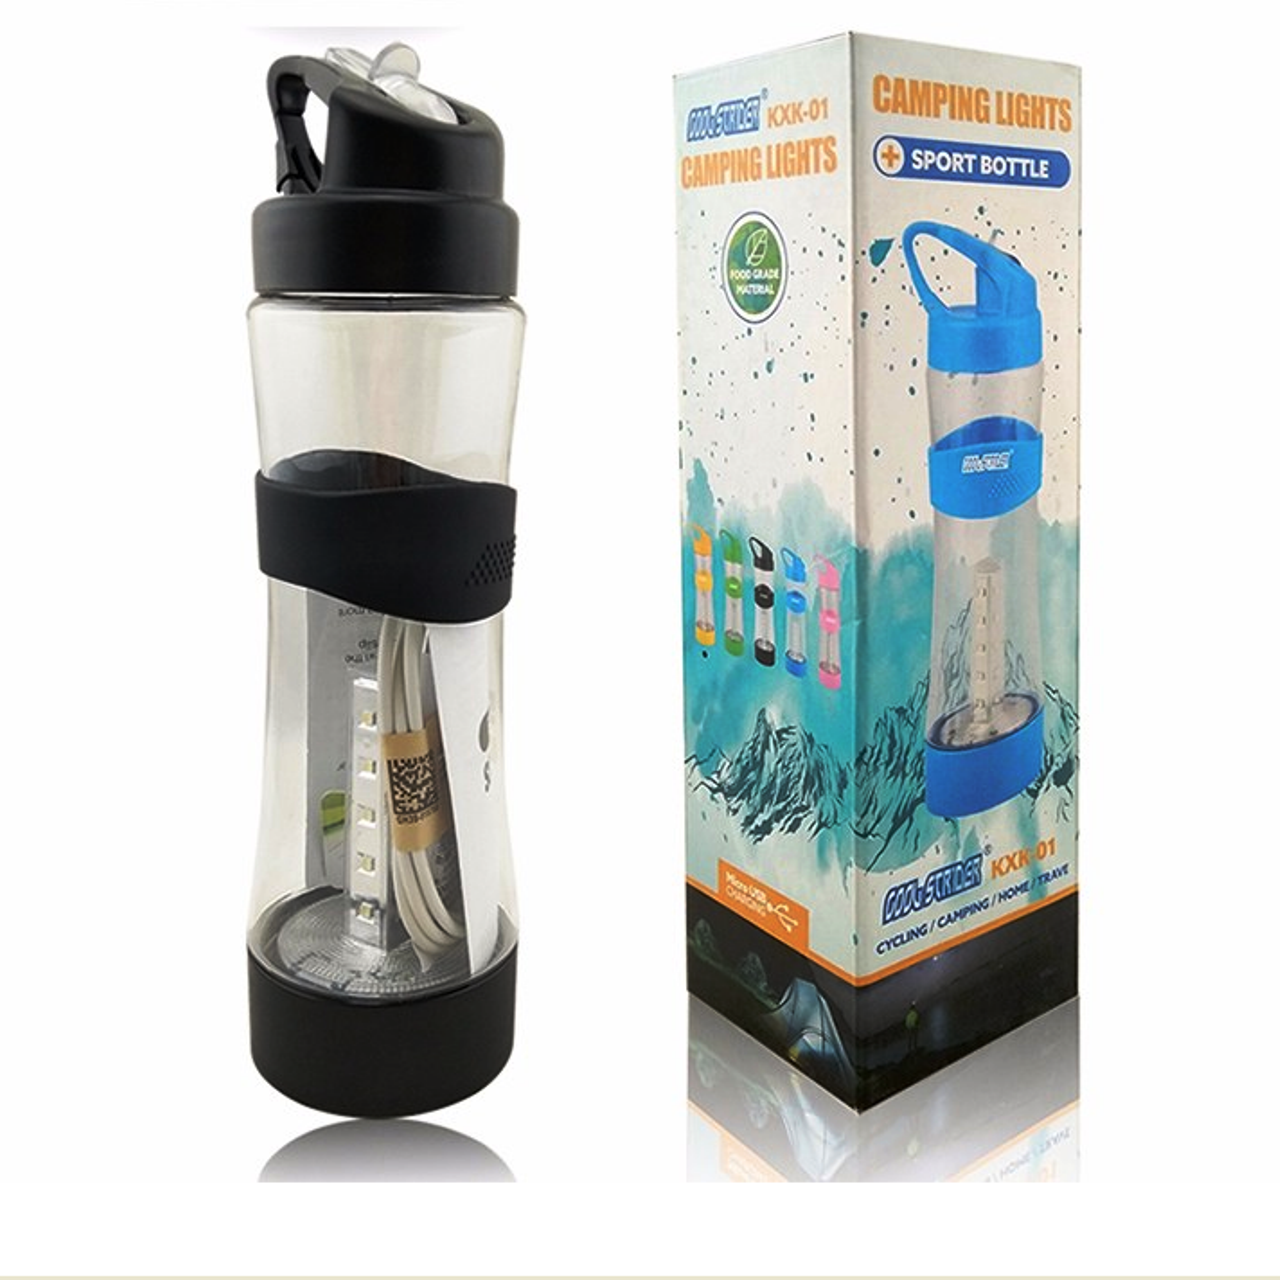 Спортивная бутылка для воды фляга с LED фонарем LT01 для путешествия кемпинговая